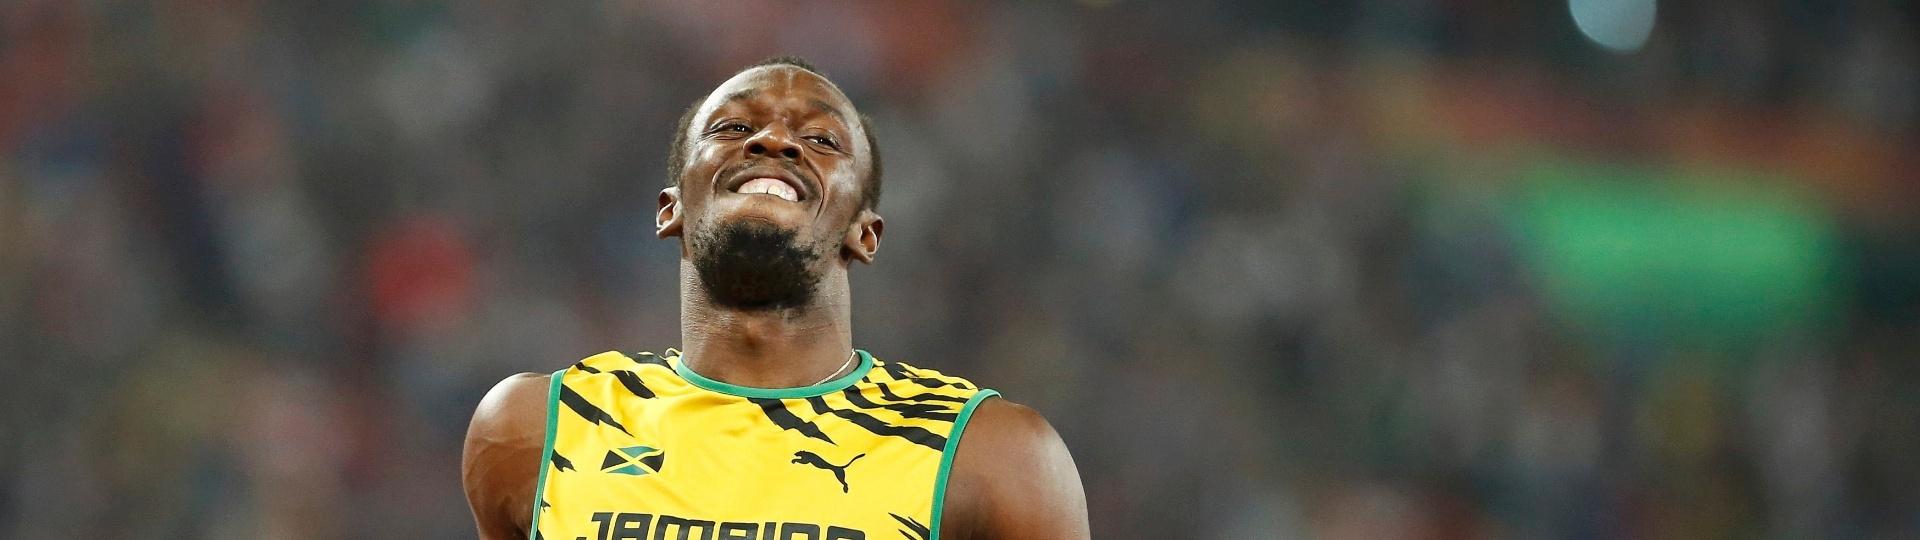 Usain Bolt sorri em chegada do revezamento 4x100m, em que a jamaica conseguiu ouro no Mundial